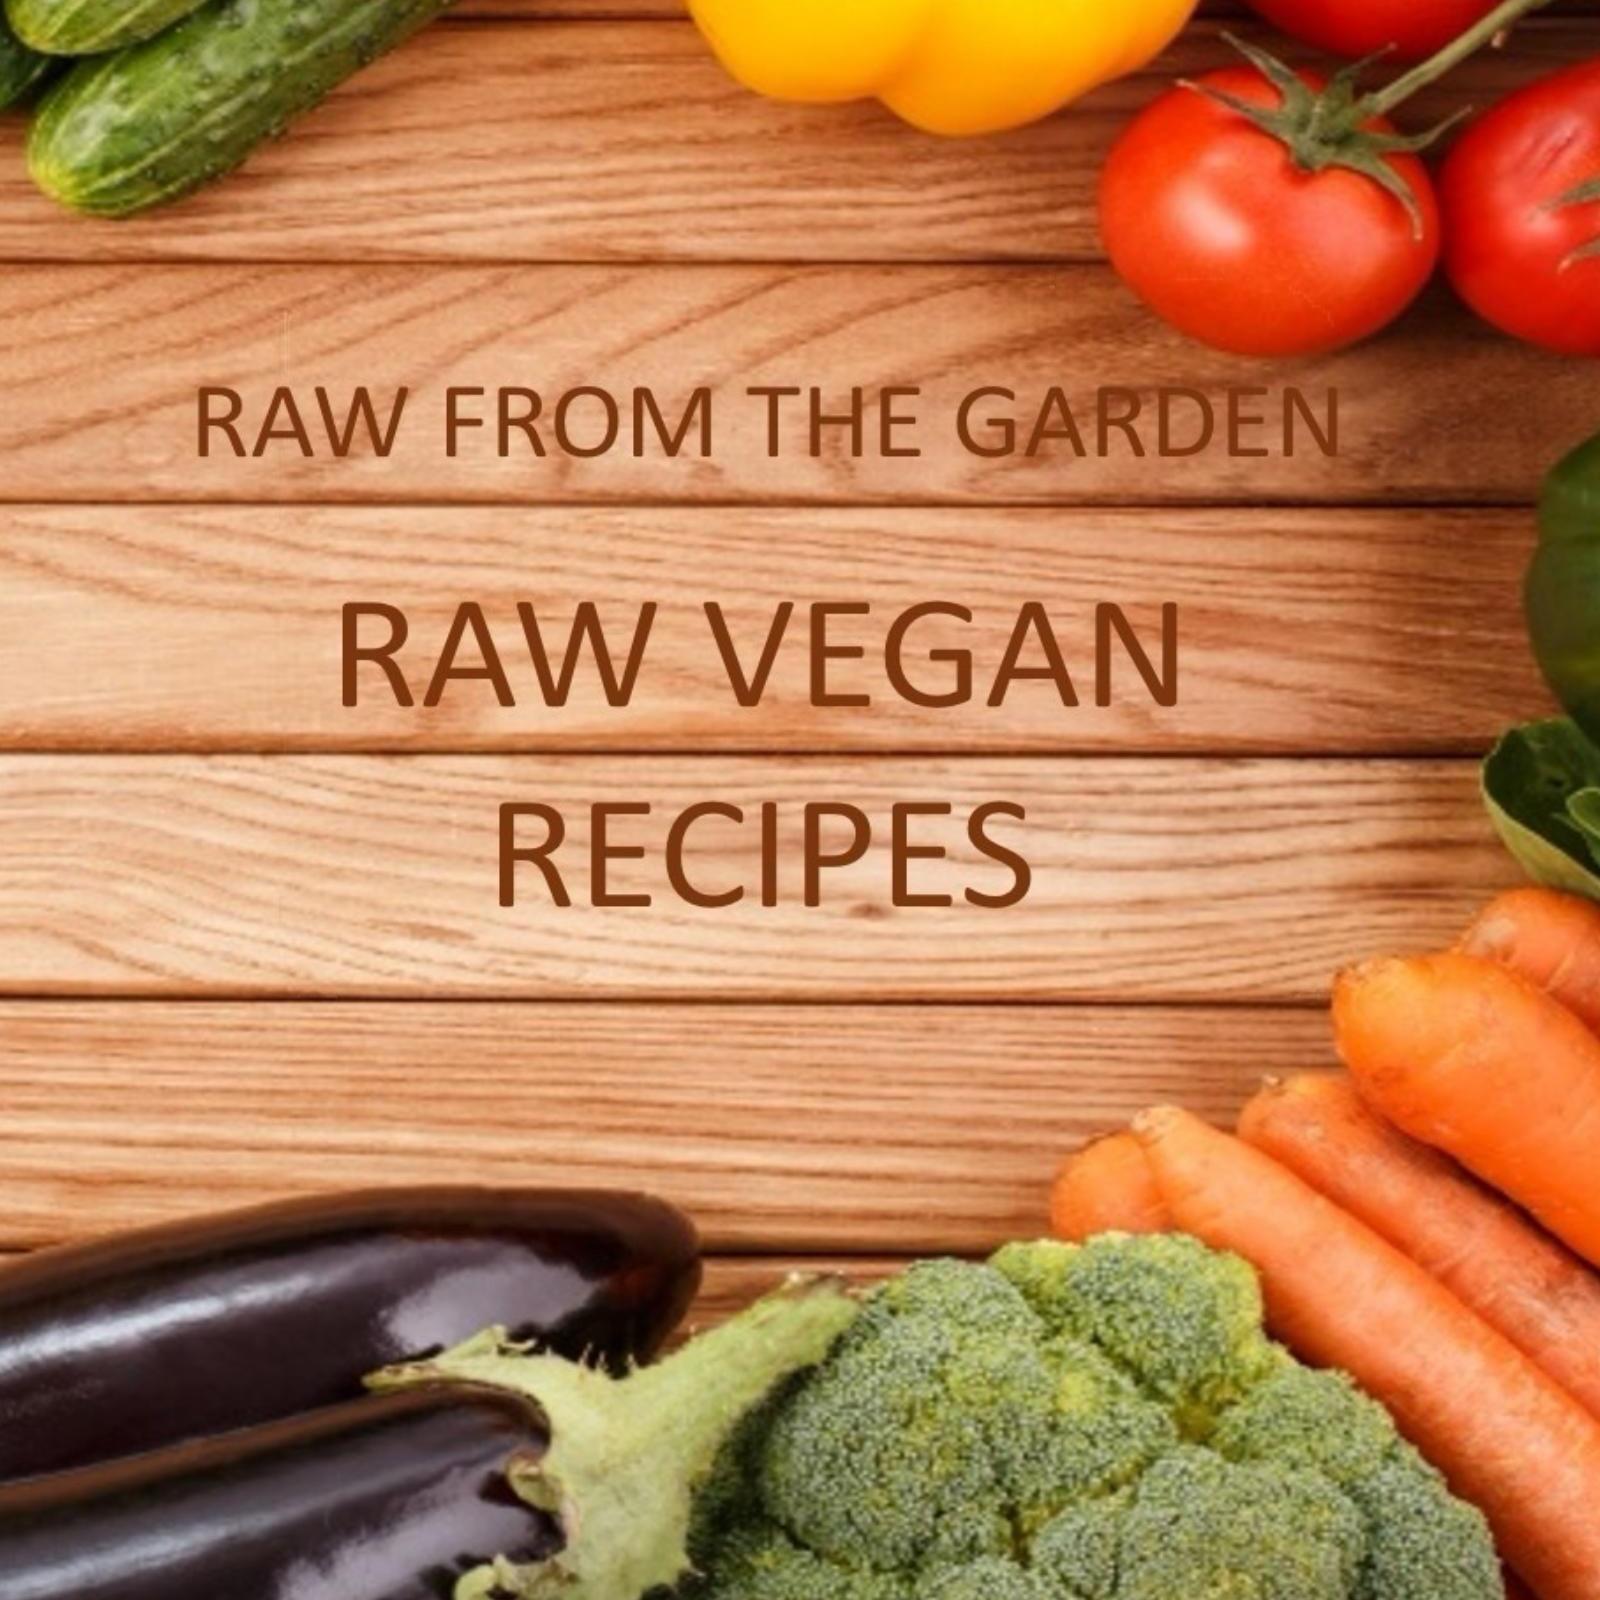 Raw Vegan Cuisine and Recipes